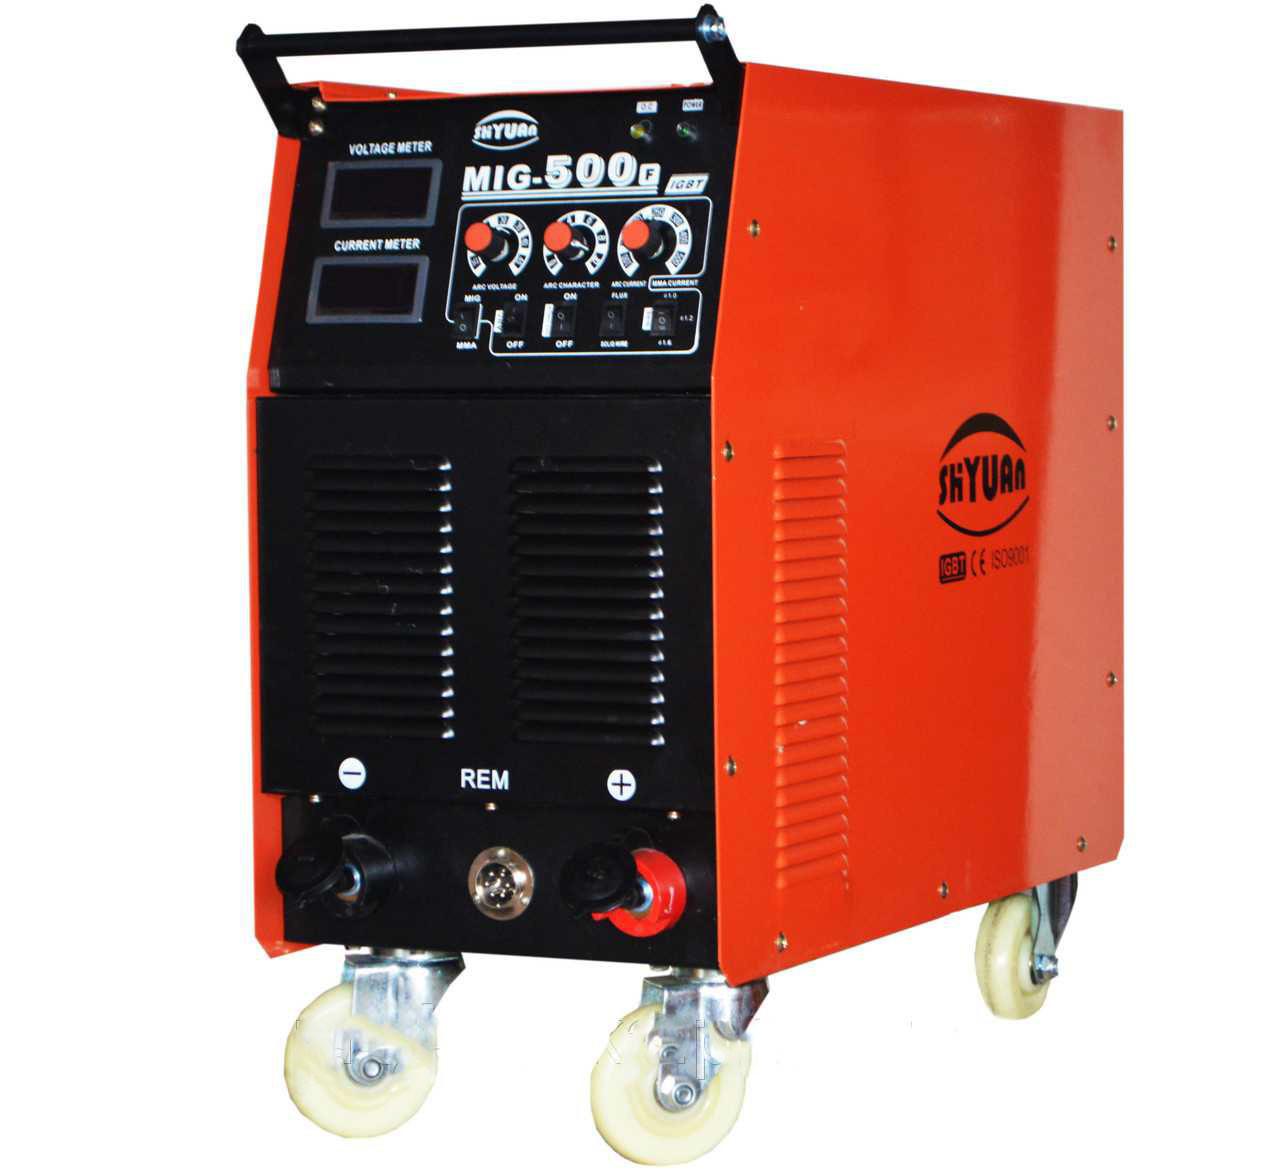 Mig 500 сварочный аппарат инверторный сварочный аппарат оби